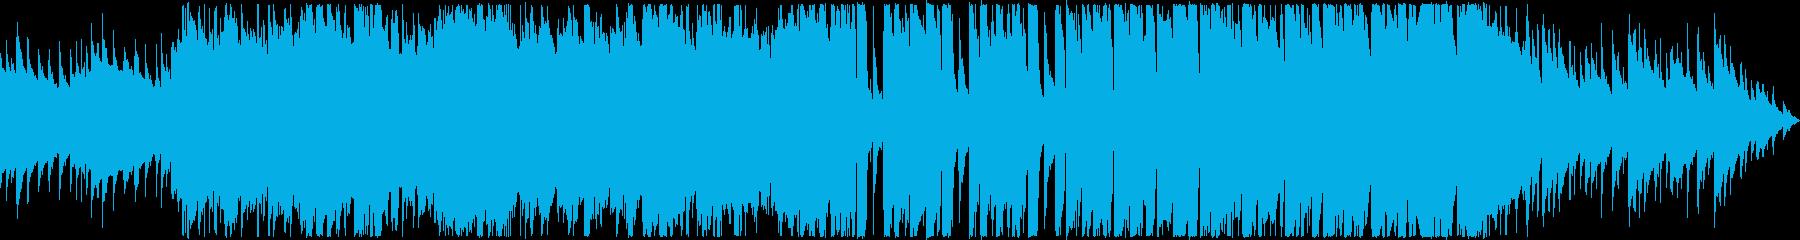 仲良しグループが談笑するイメージのBGMの再生済みの波形